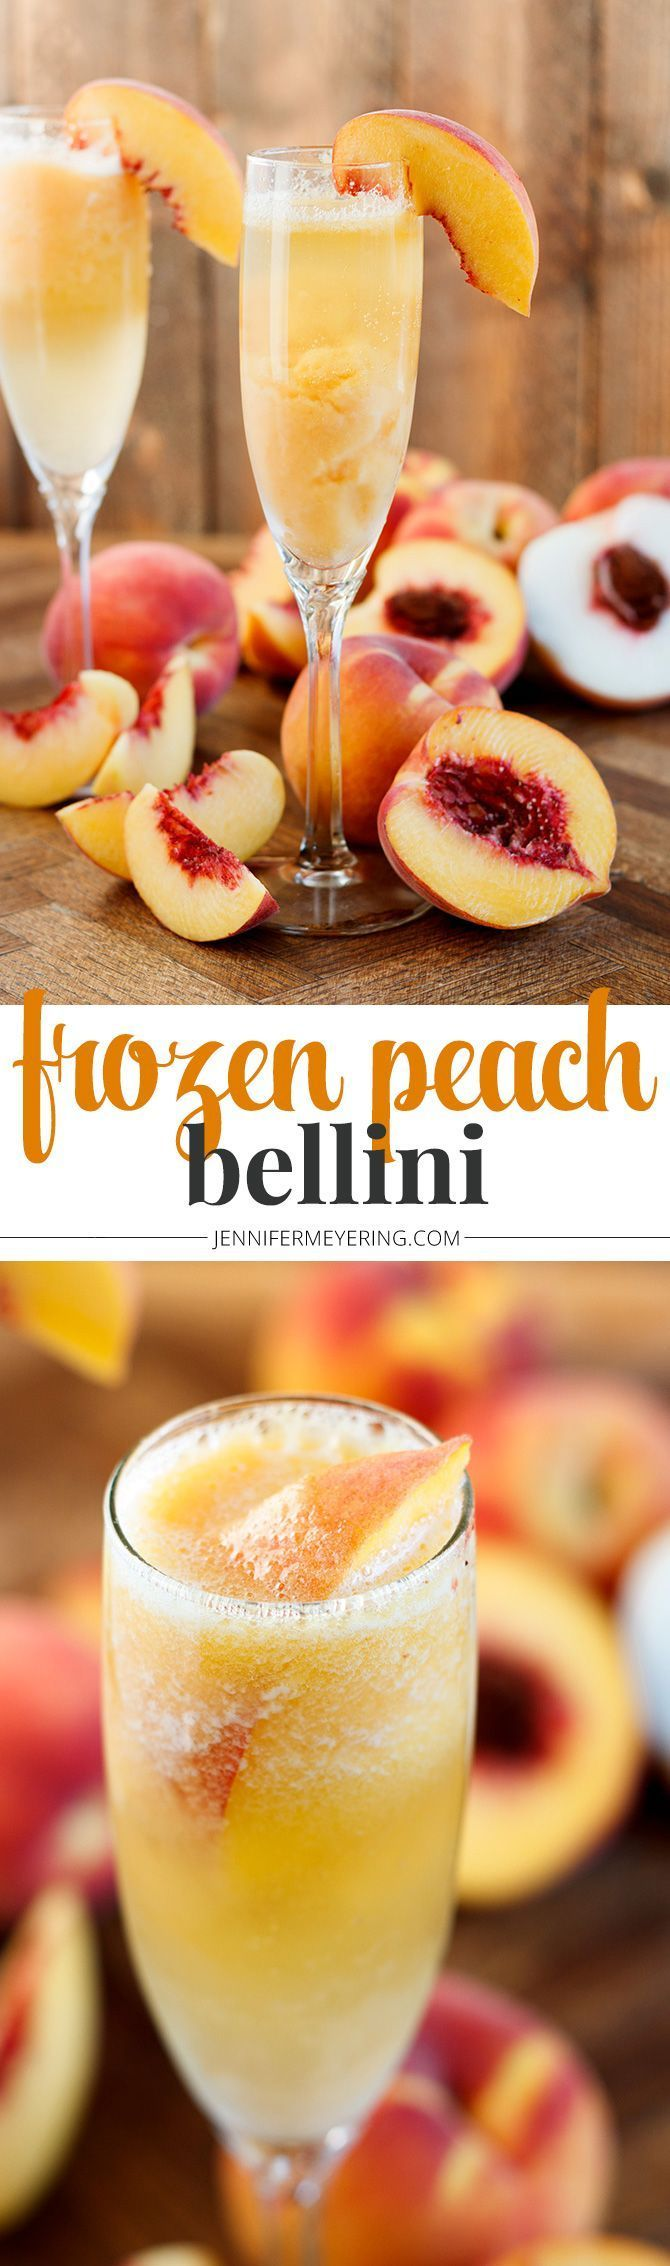 Frozen Peach Bellini - http://JenniferMeyering.com